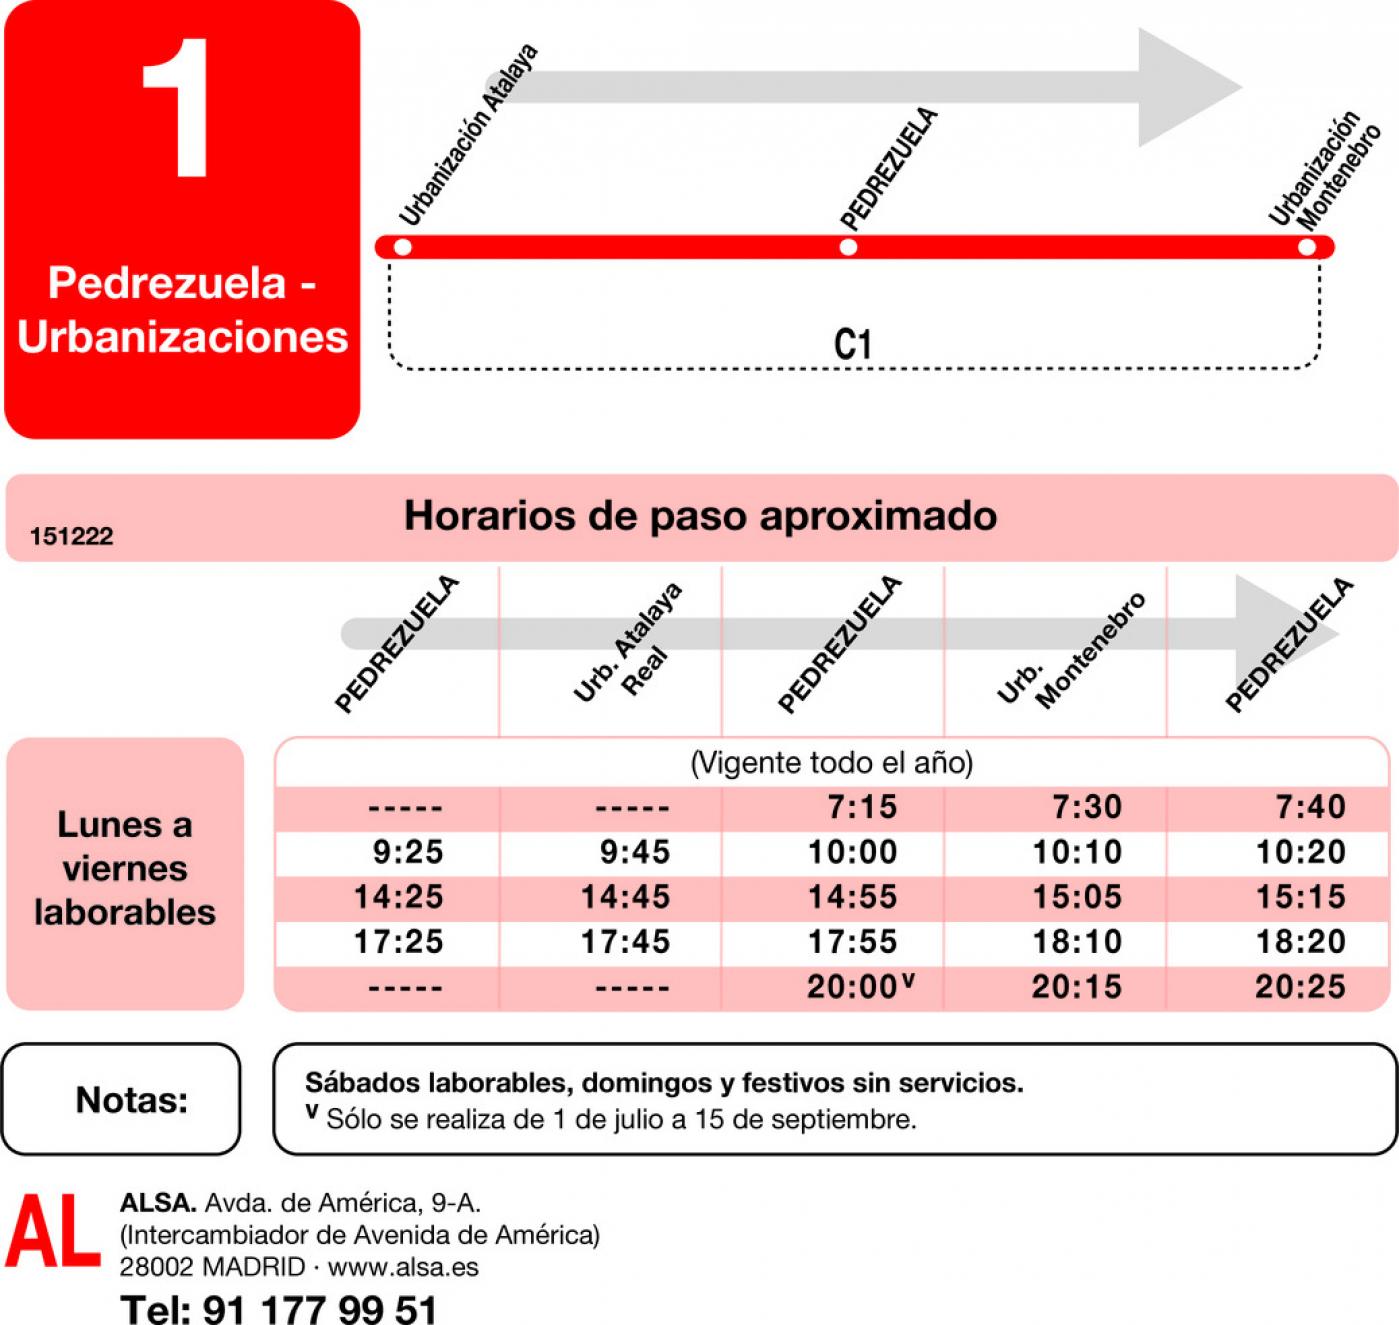 Tabla de horarios y frecuencias de paso en sentido vuelta Línea L-1 Pedrezuela: Pedrezuela - Urbanizaciones